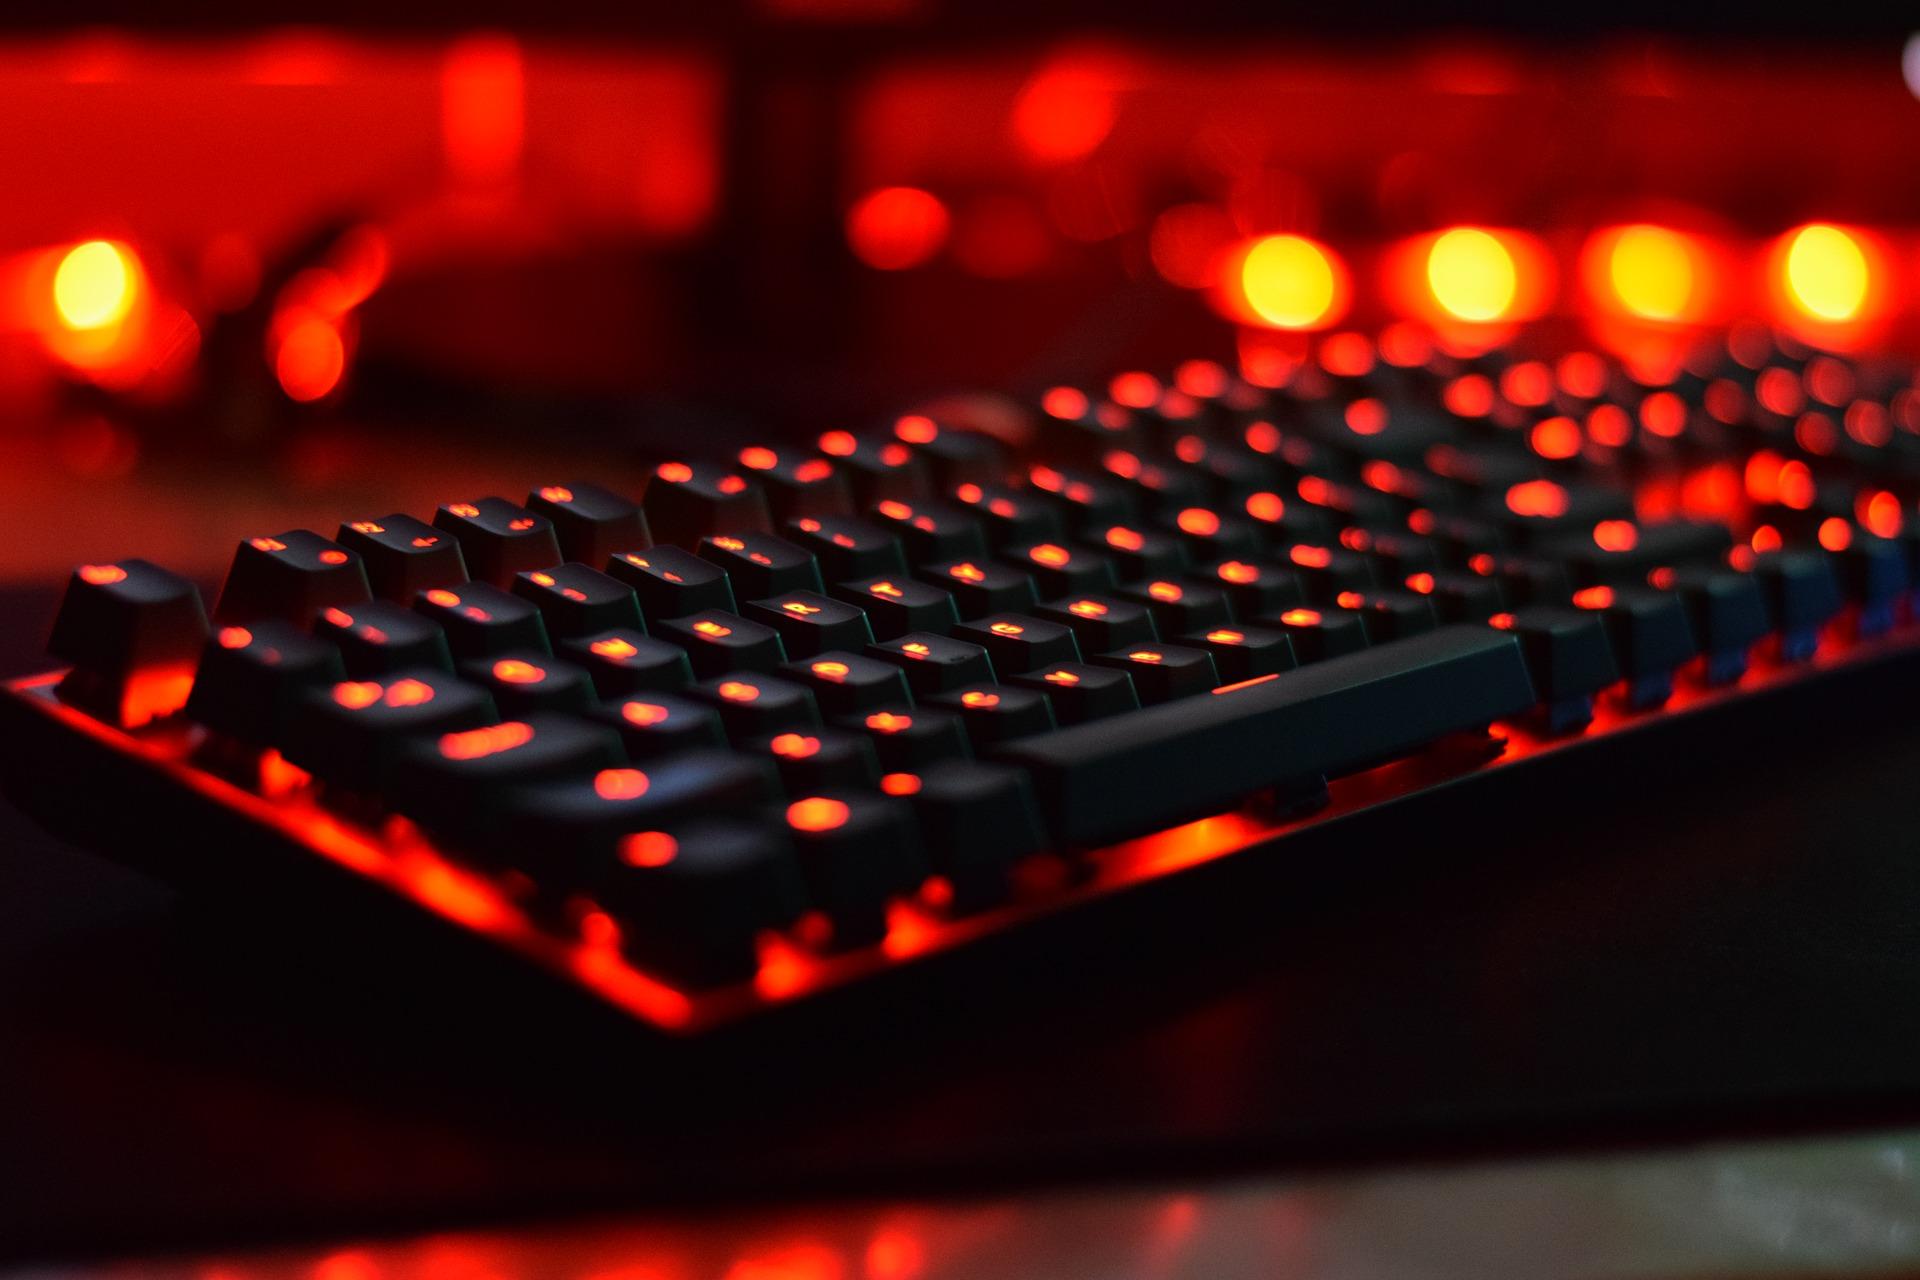 Kuvassa tietokoneen näppäimistö, joka on valaistu punaisilla valoilla.